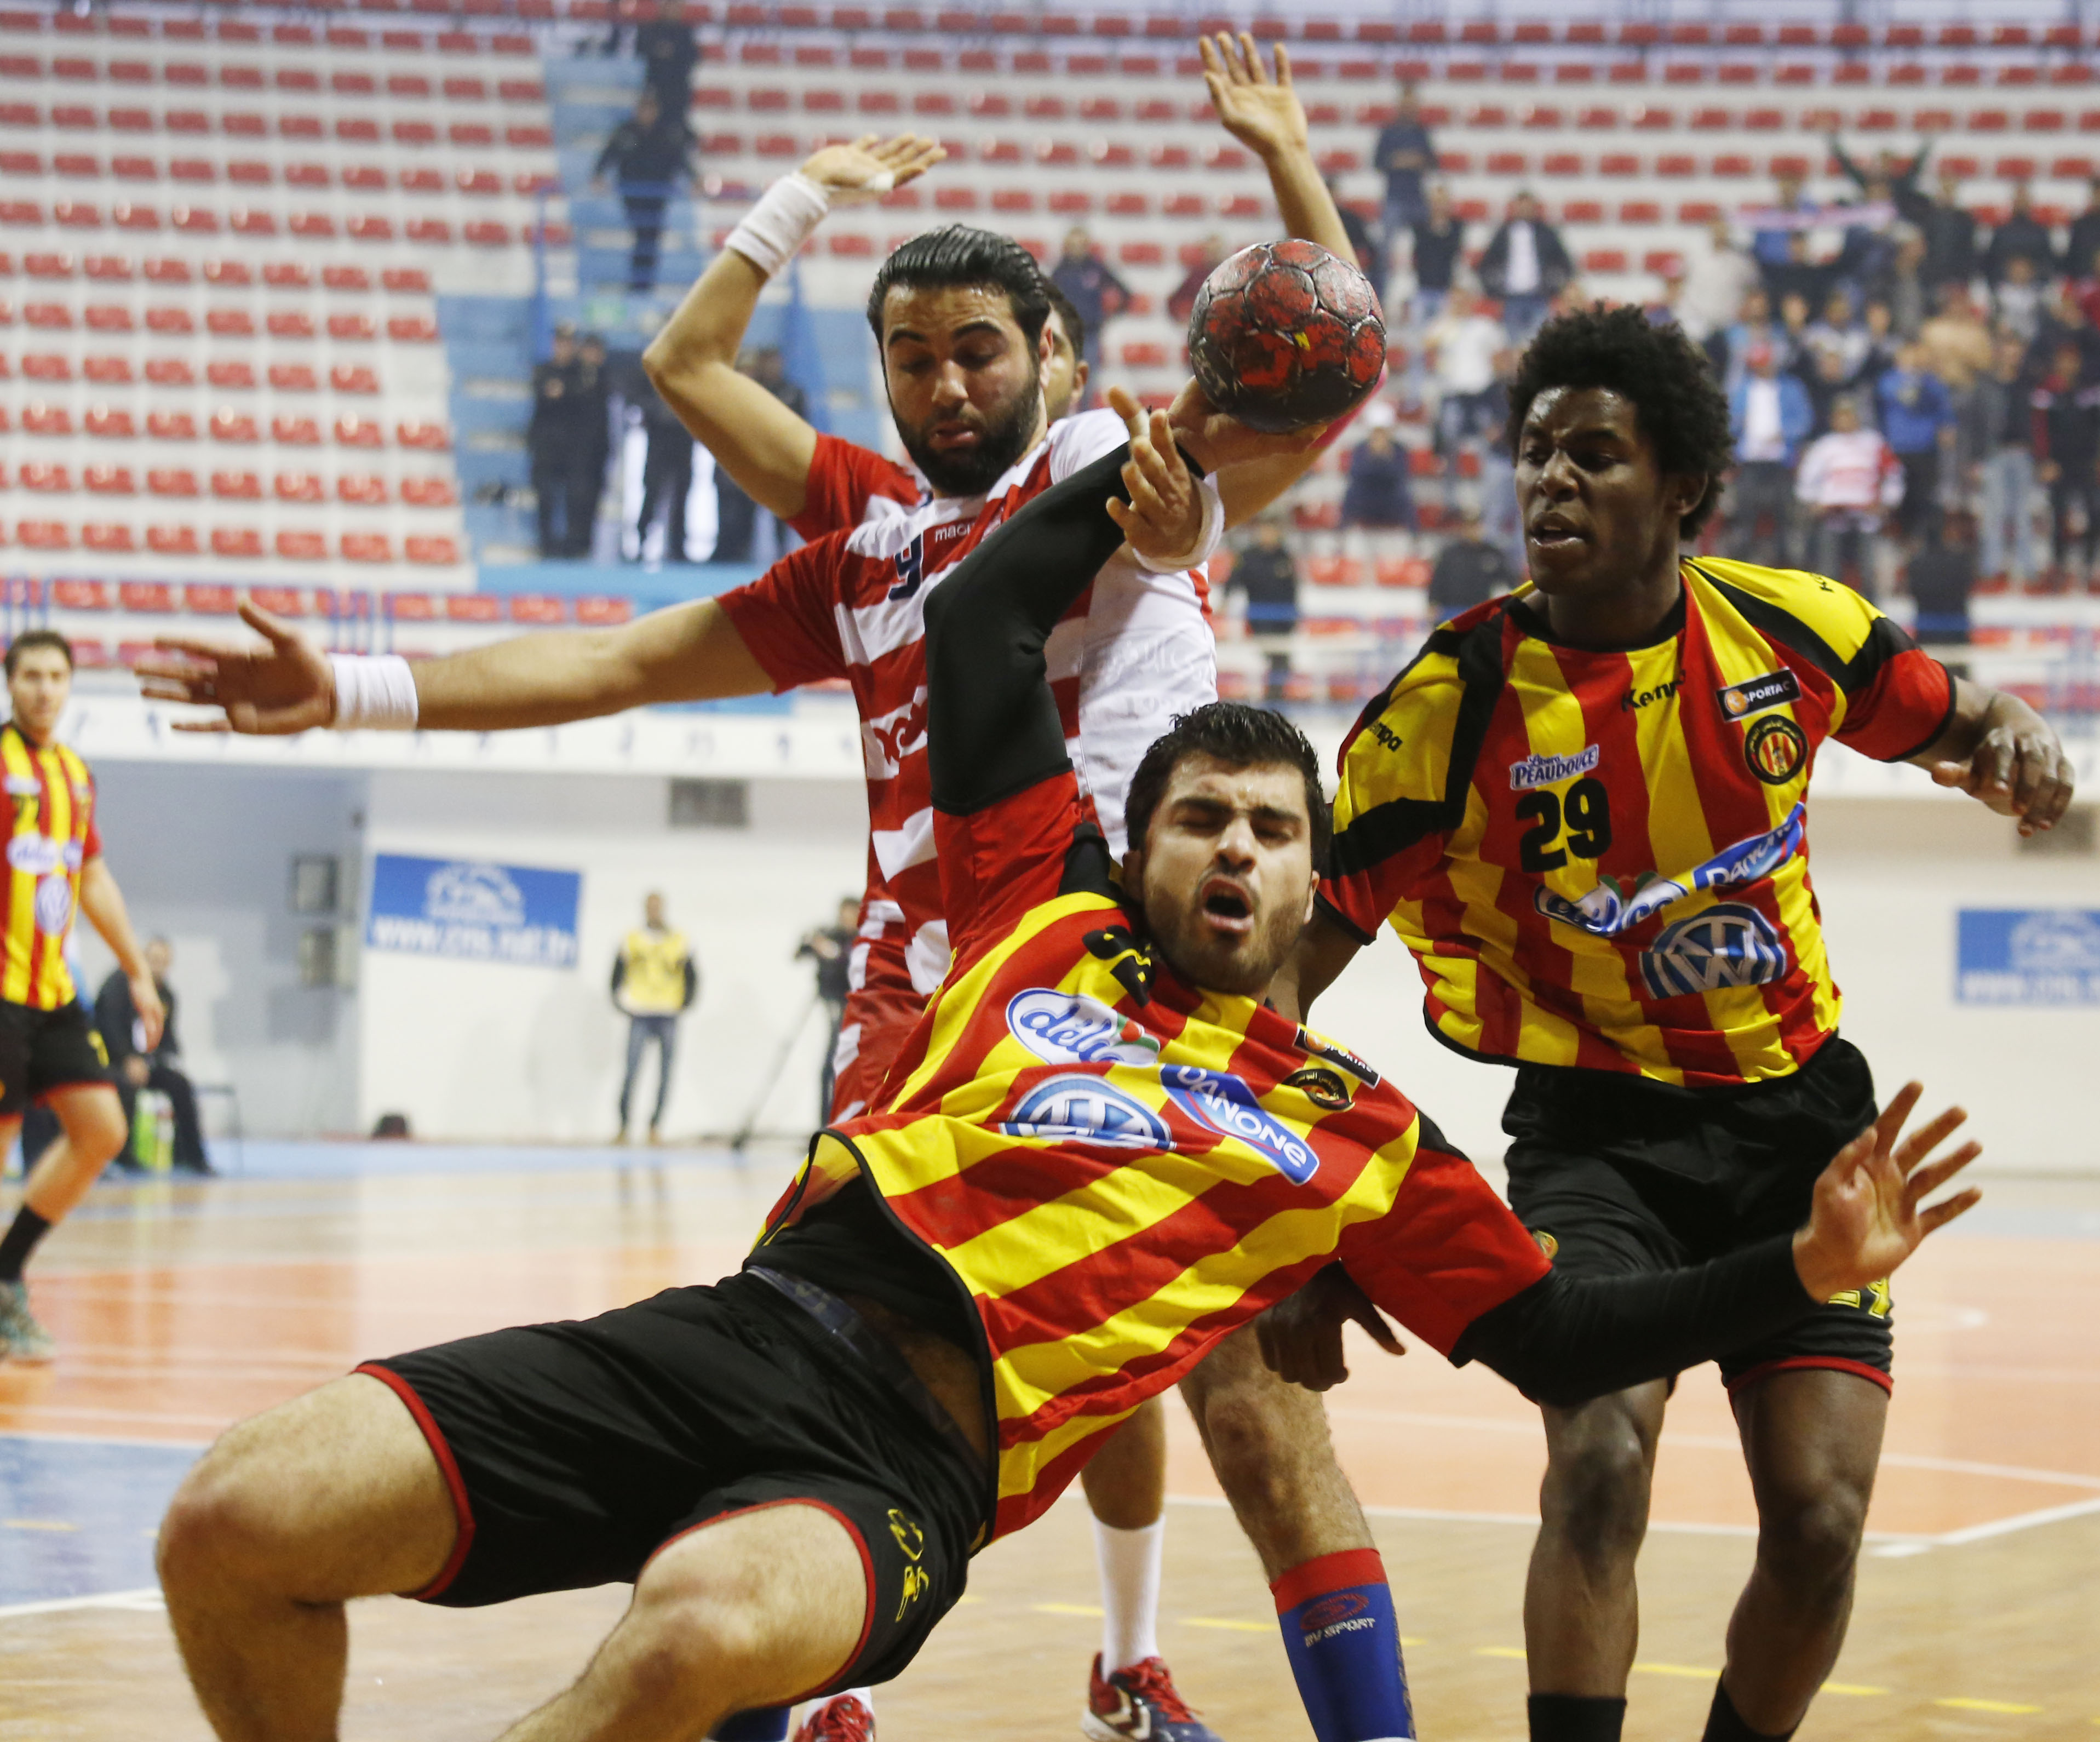 Handball super coupe et cacvc le derby de la capitale libreville - Coupe d afrique handball ...